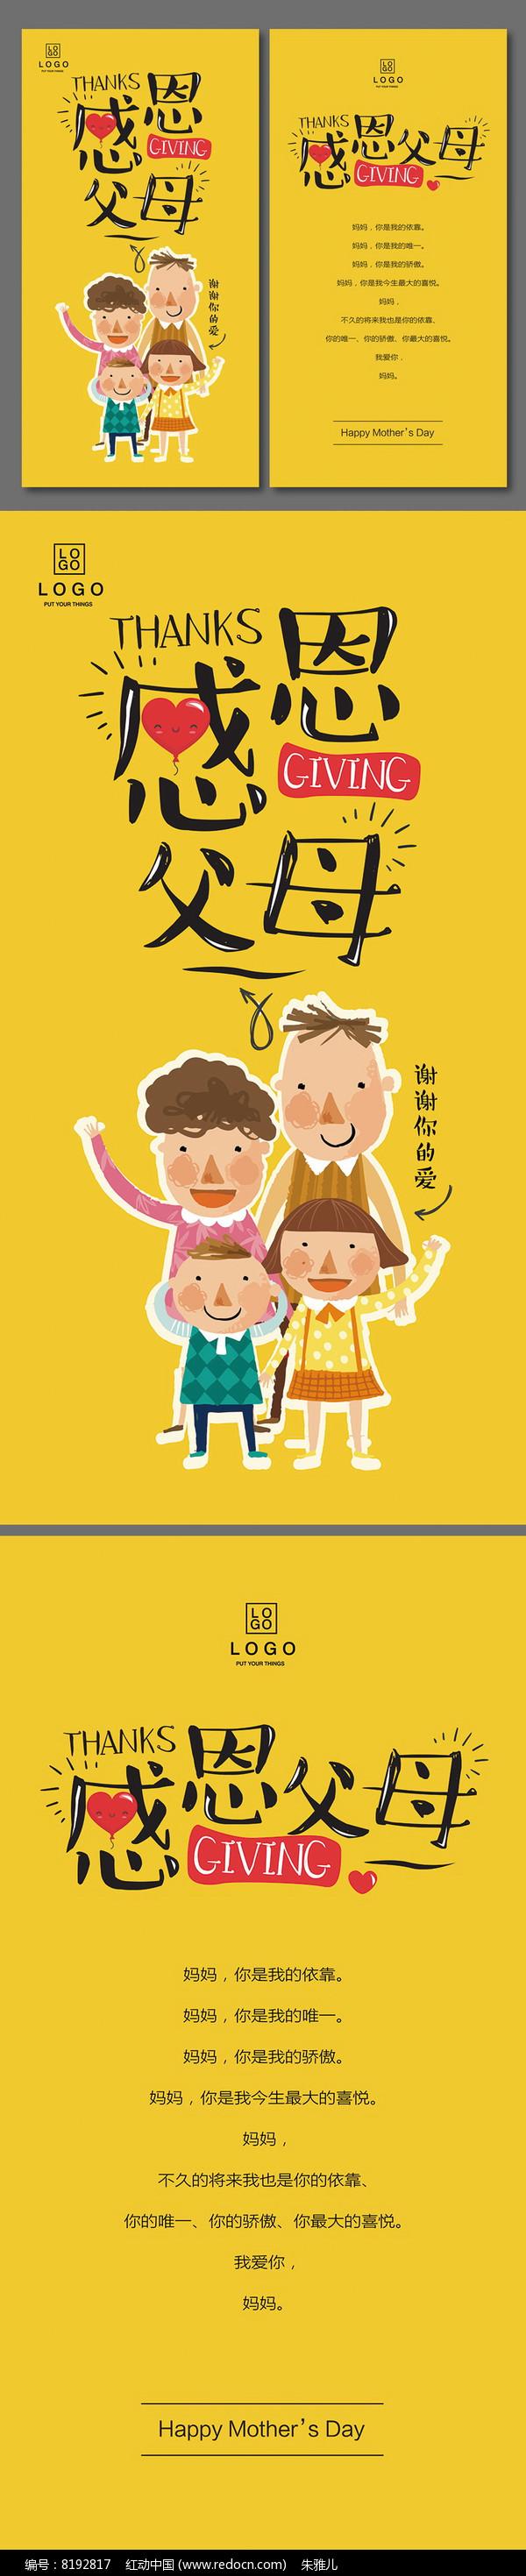 创意可爱母亲节贺卡图片